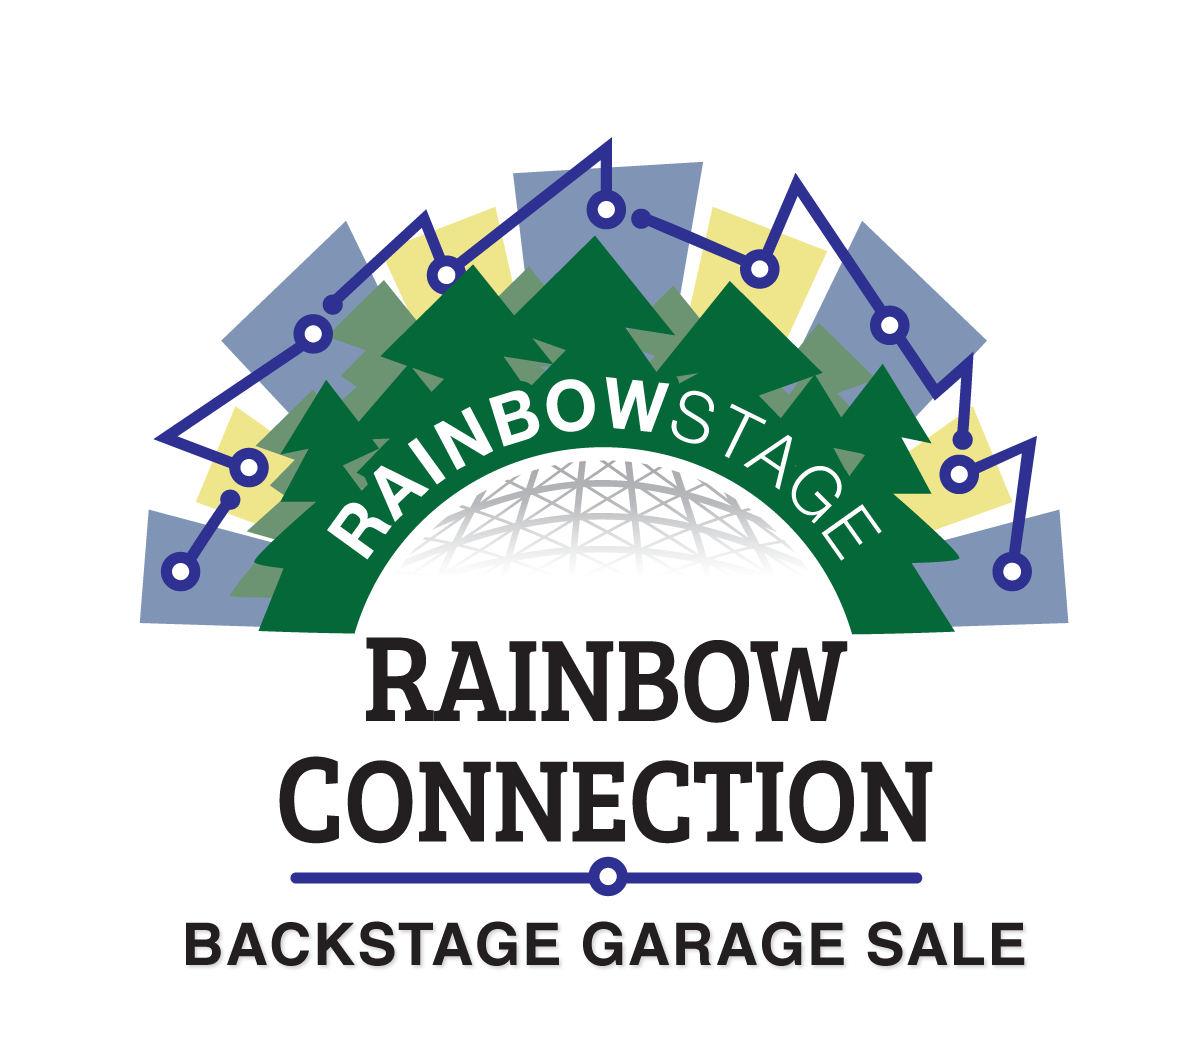 Backstage Garage Sale